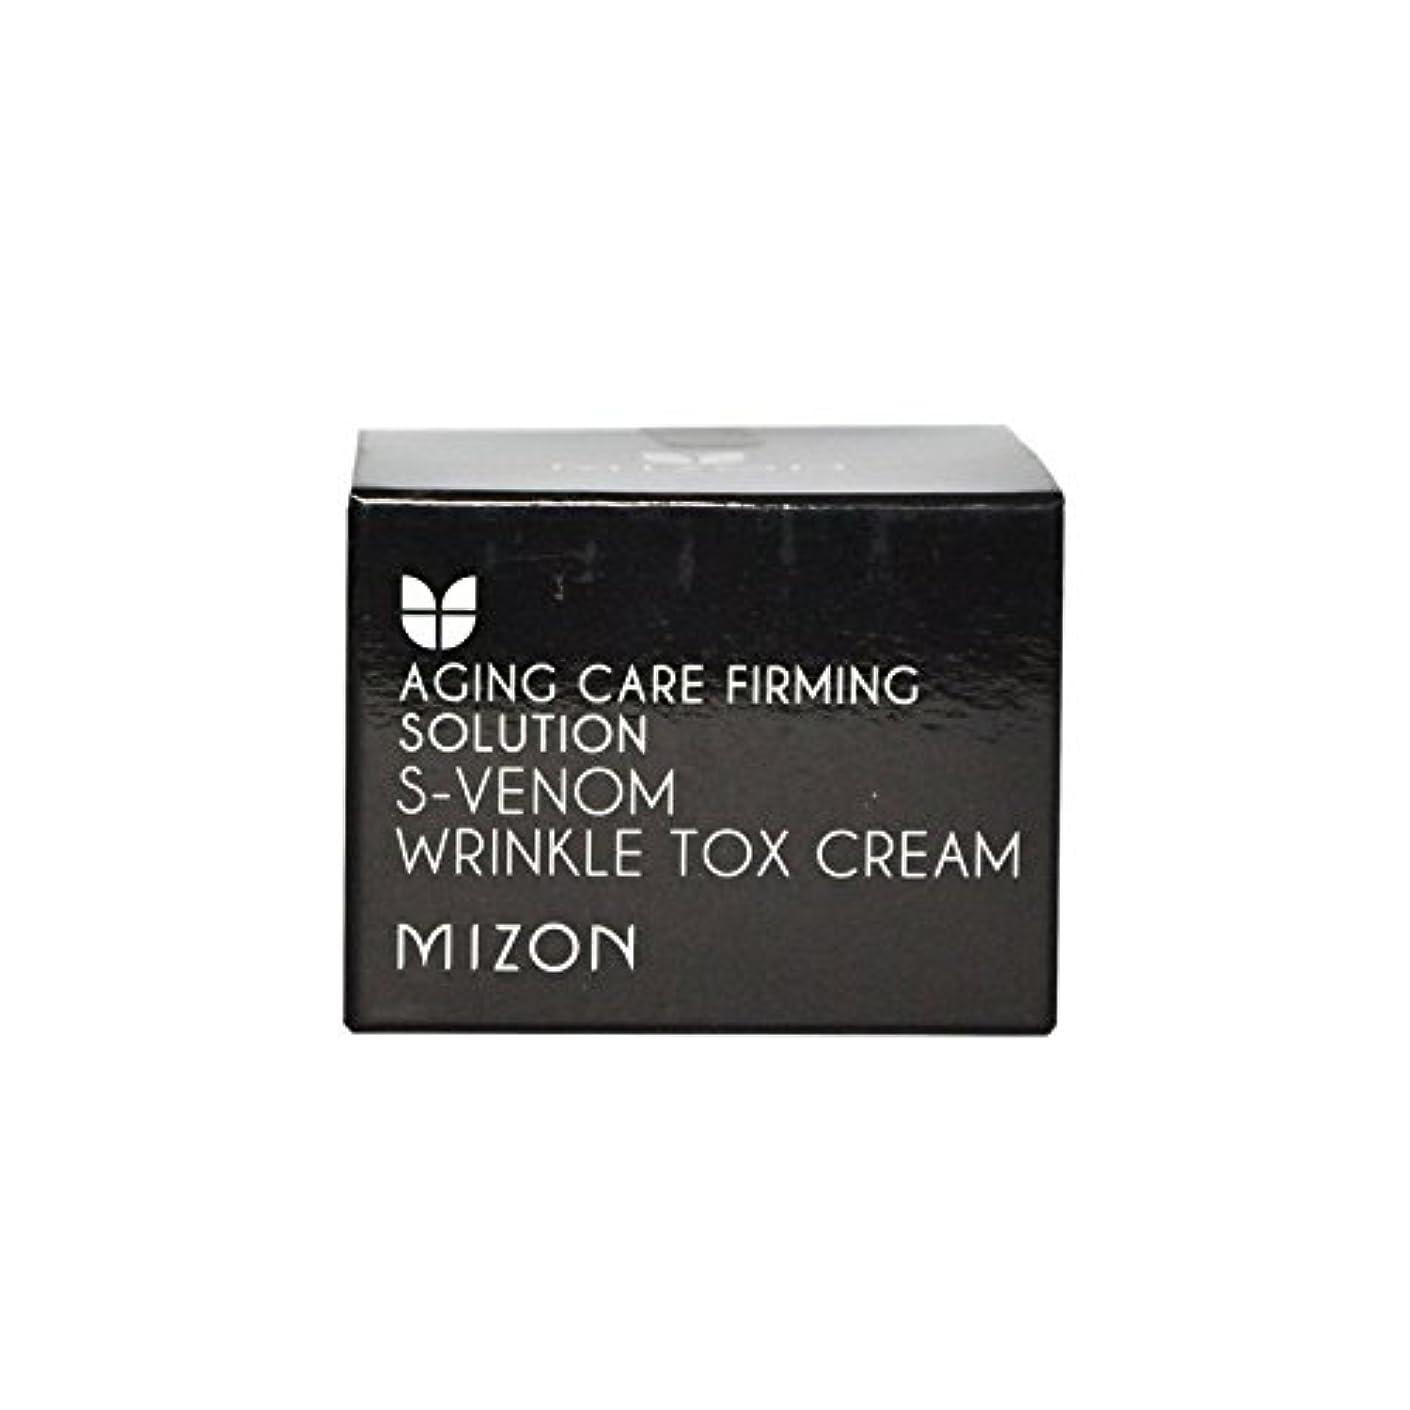 摩擦努力速報の毒リンクルトックスクリーム x4 - Mizon S Venom Wrinkle Tox Cream (Pack of 4) [並行輸入品]